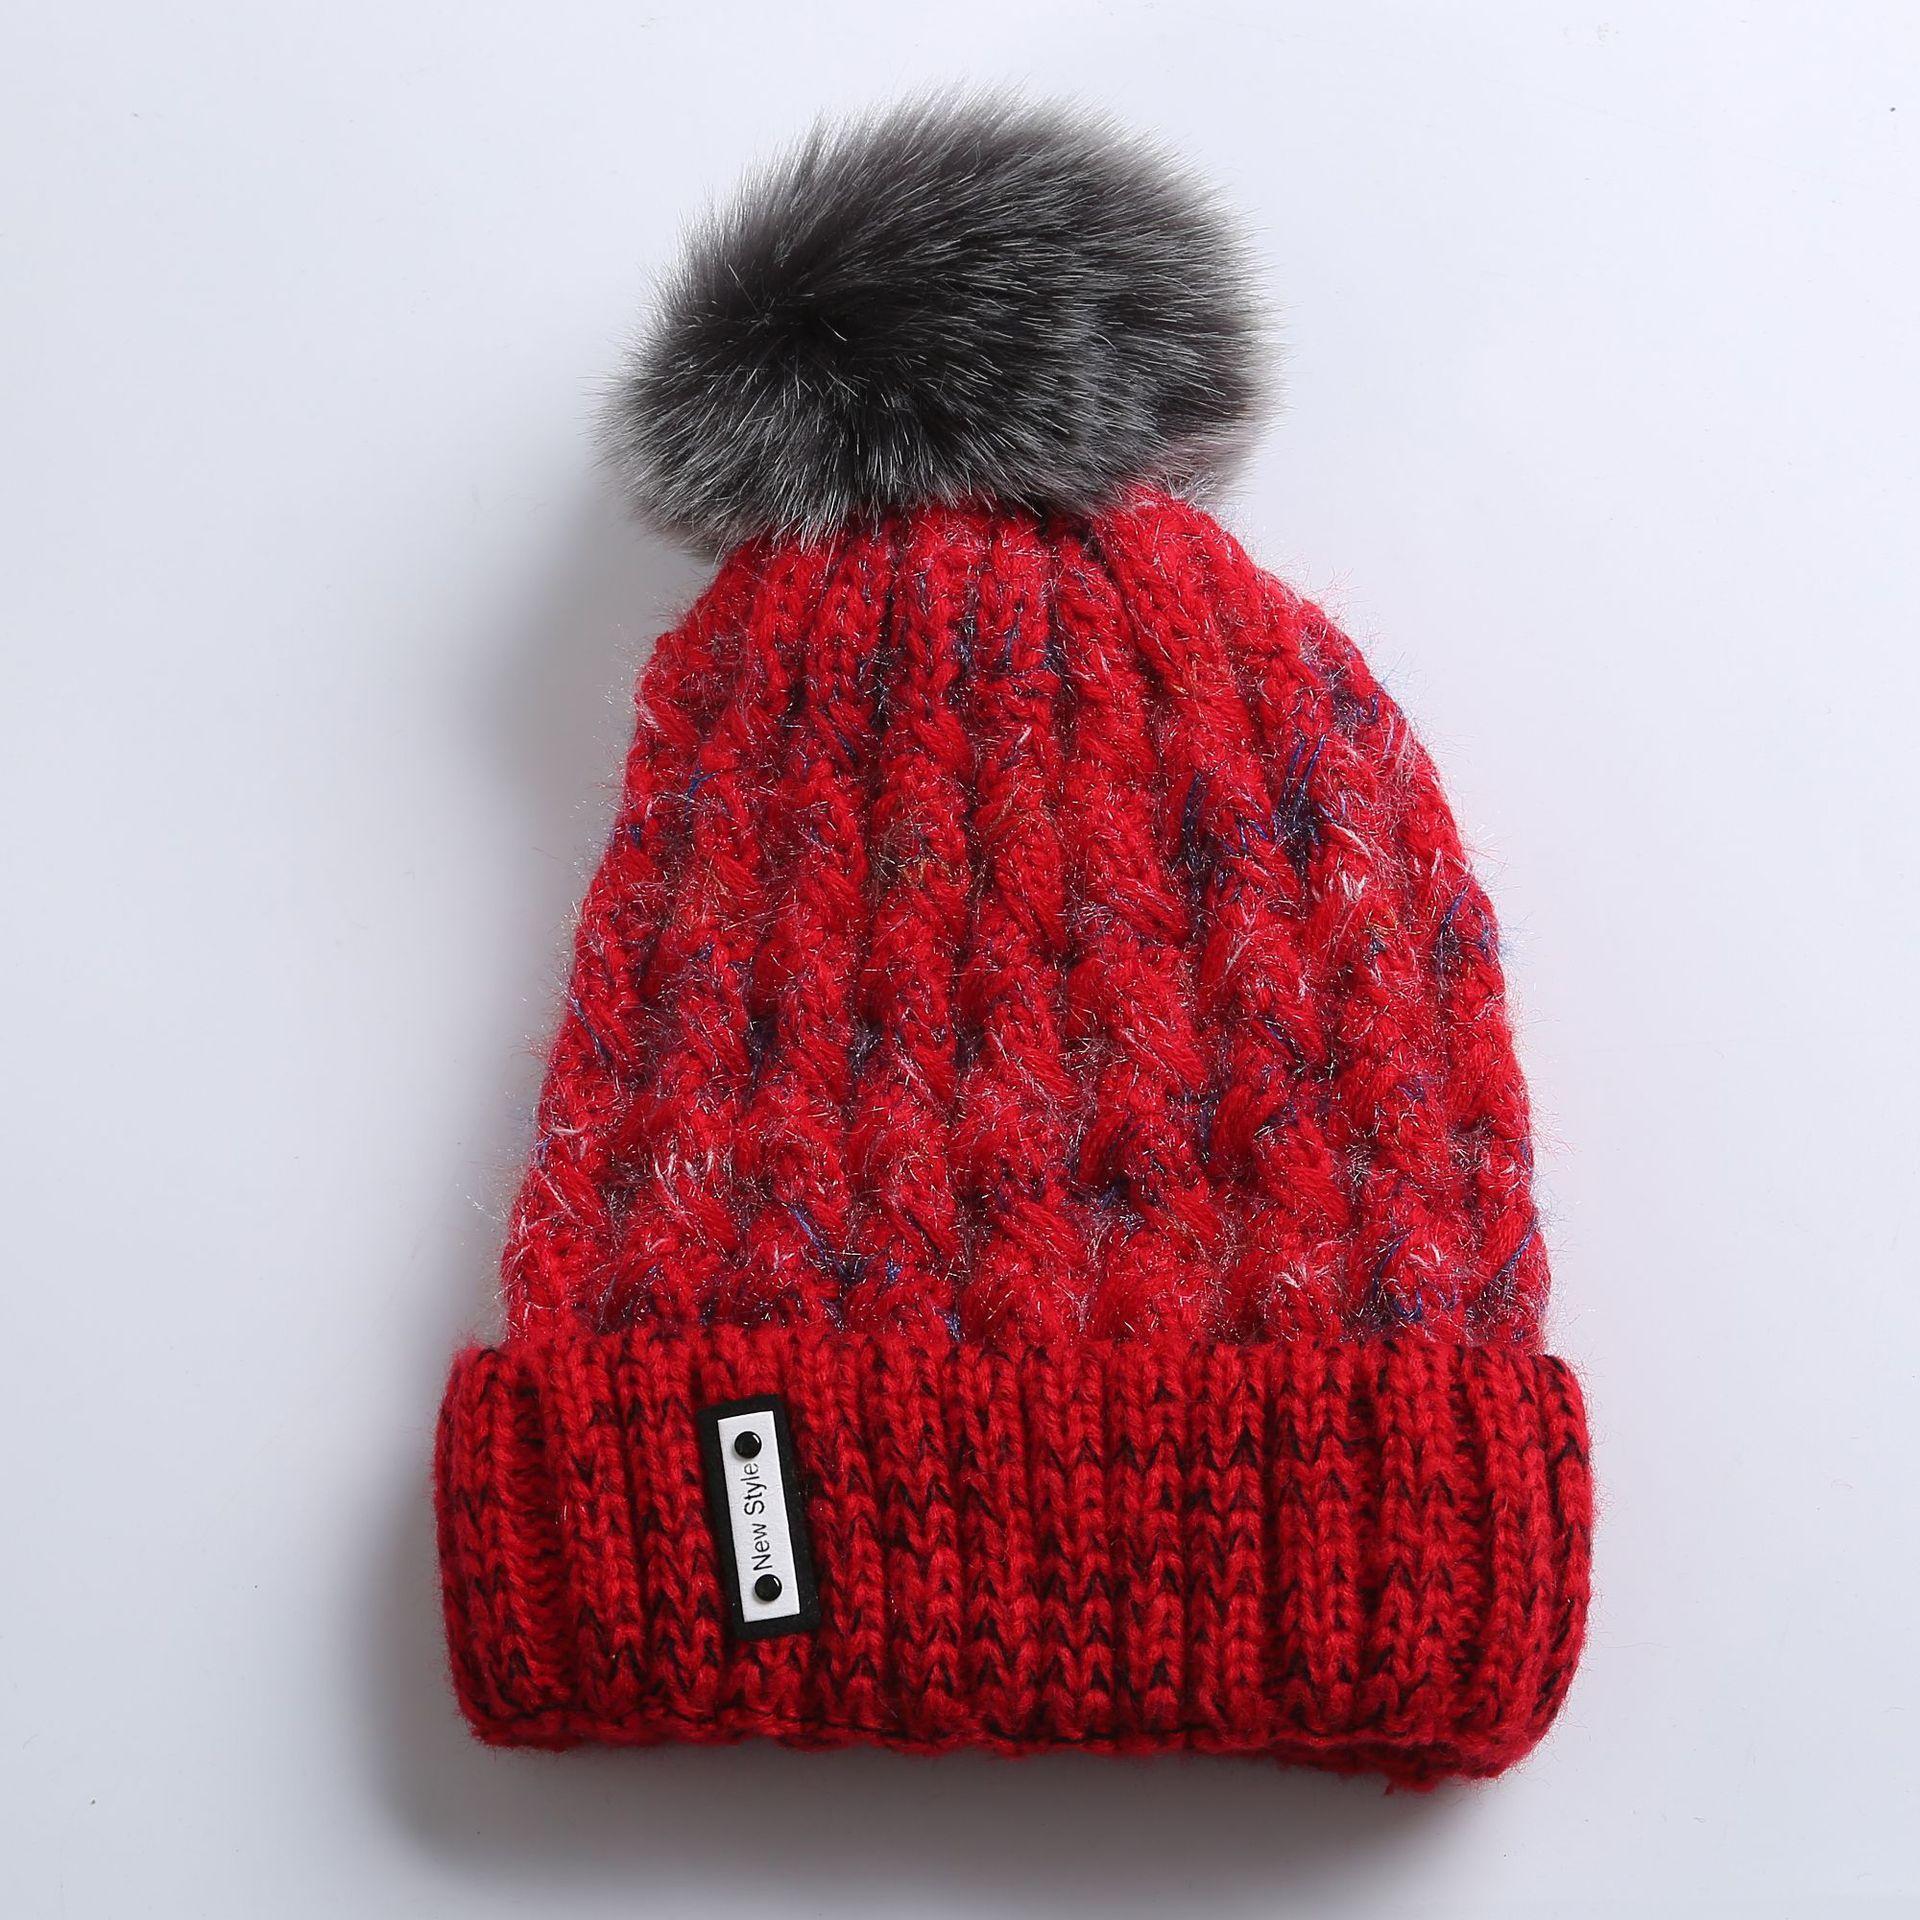 Invierno nuevo estilo rizado moda punto más pom pom sombrero cachemir cálido damas beanie sombrero mujer diseñadores sombreros 2020 mujer lujoso diseñadores